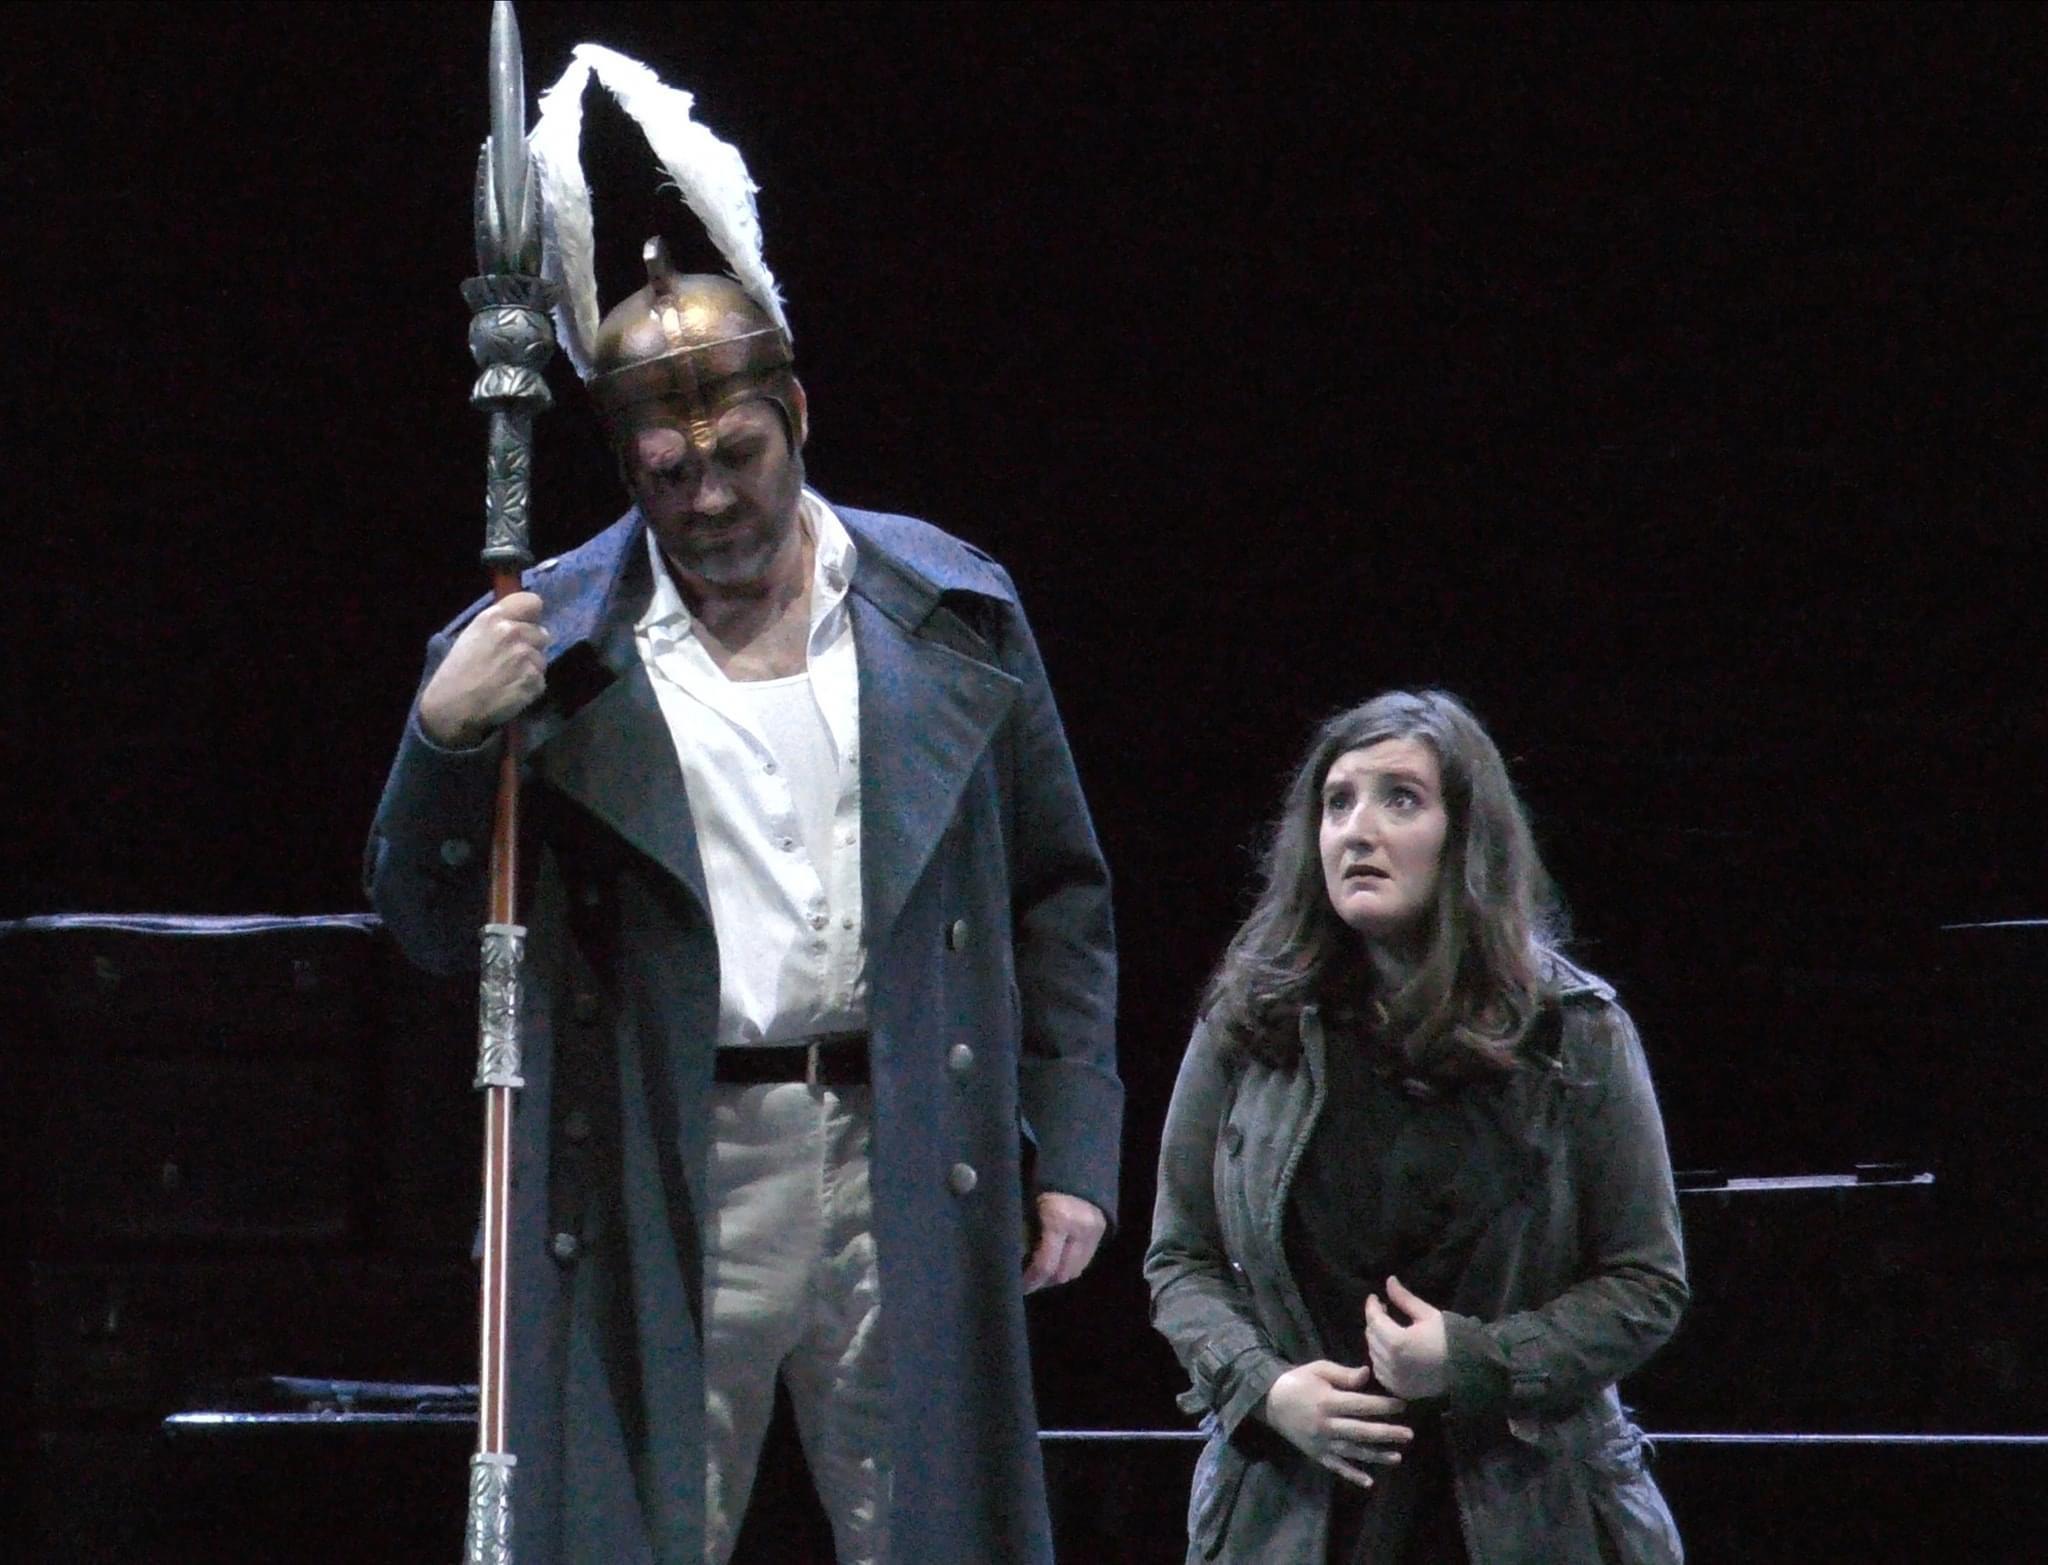 Scene from Die Walküre at Deutsche Oper Berlin, 2020 (photo credit Helmut Fischer)